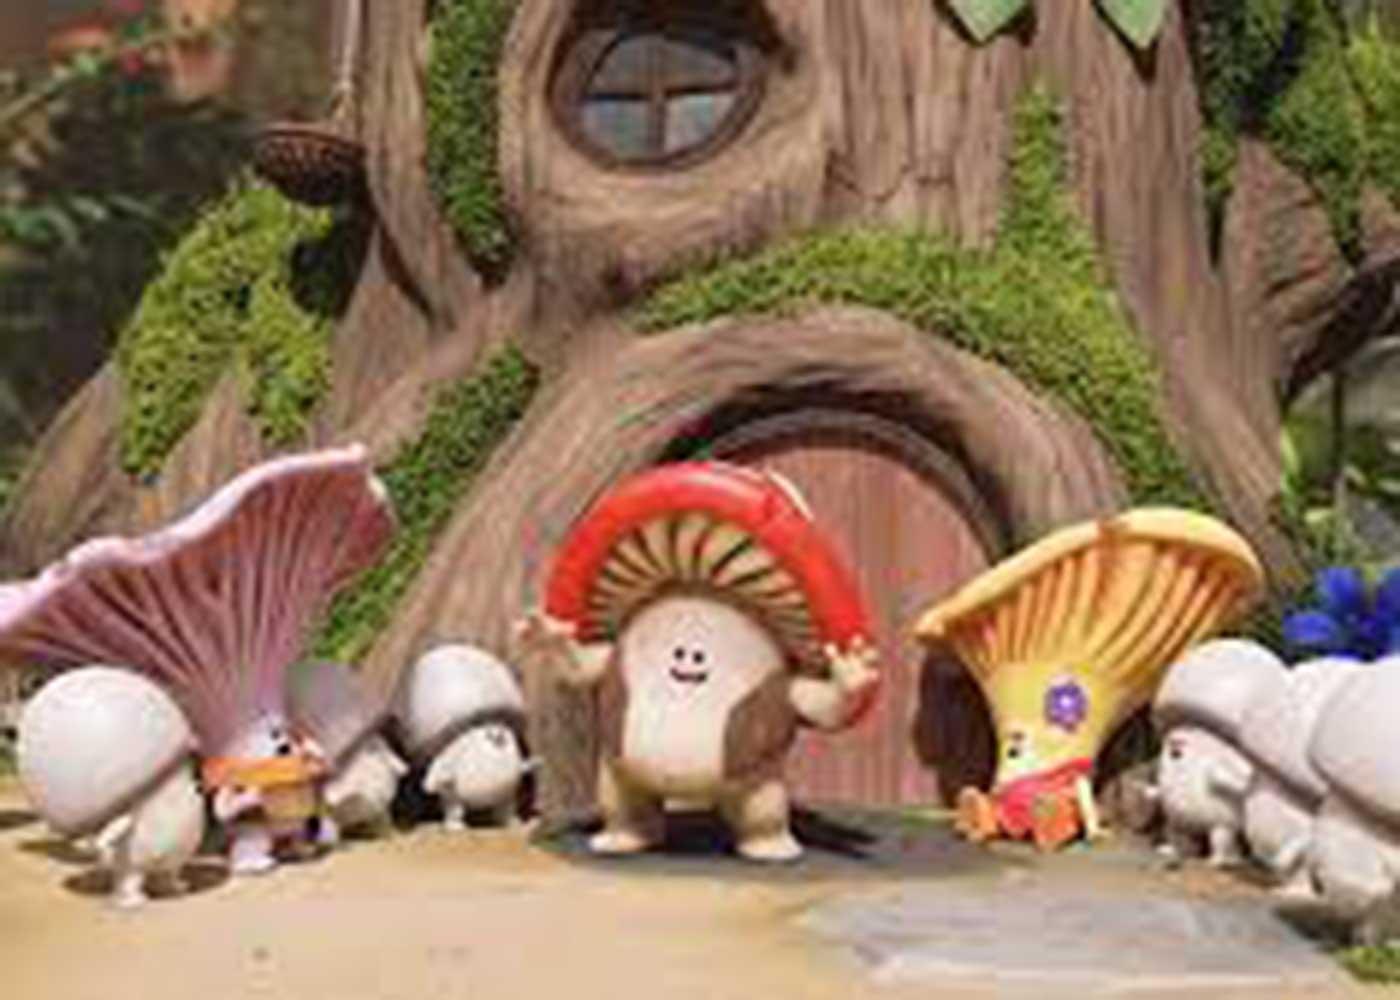 Mush-Mush et le petit monde de la forêt